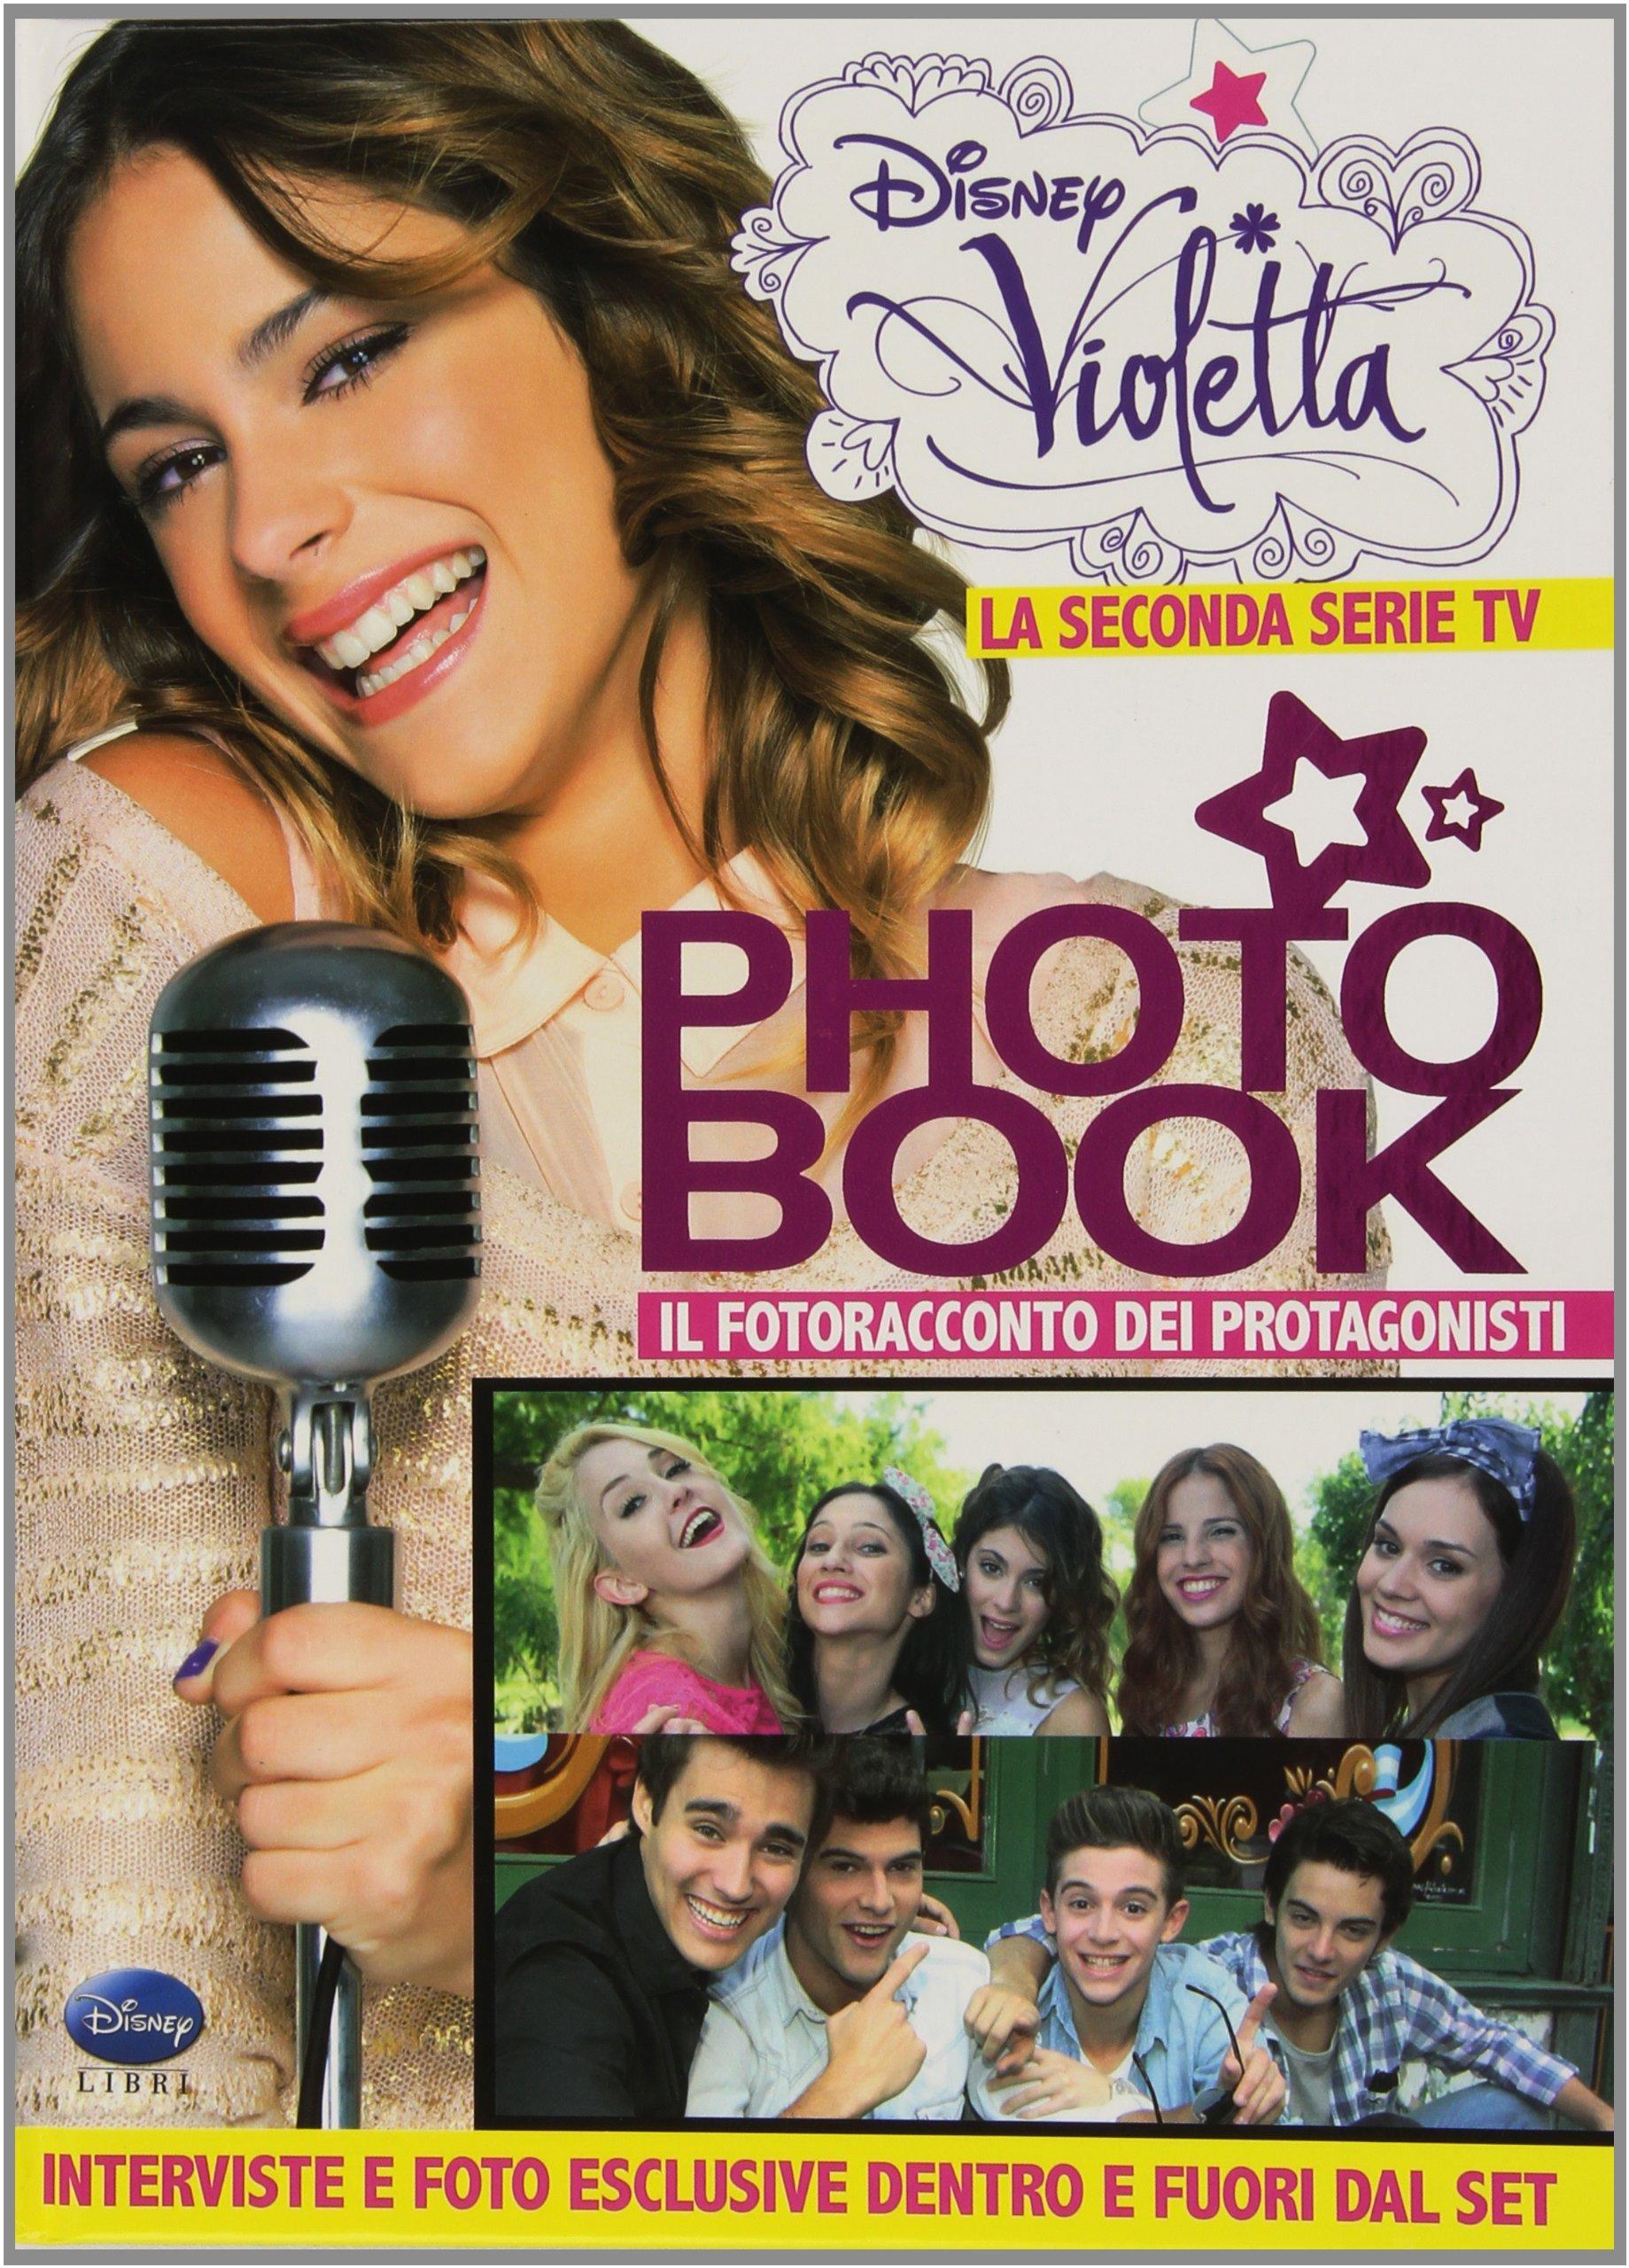 Violetta Photo Book. La seconda serie TV. Il fotoracconto dei protagonisti